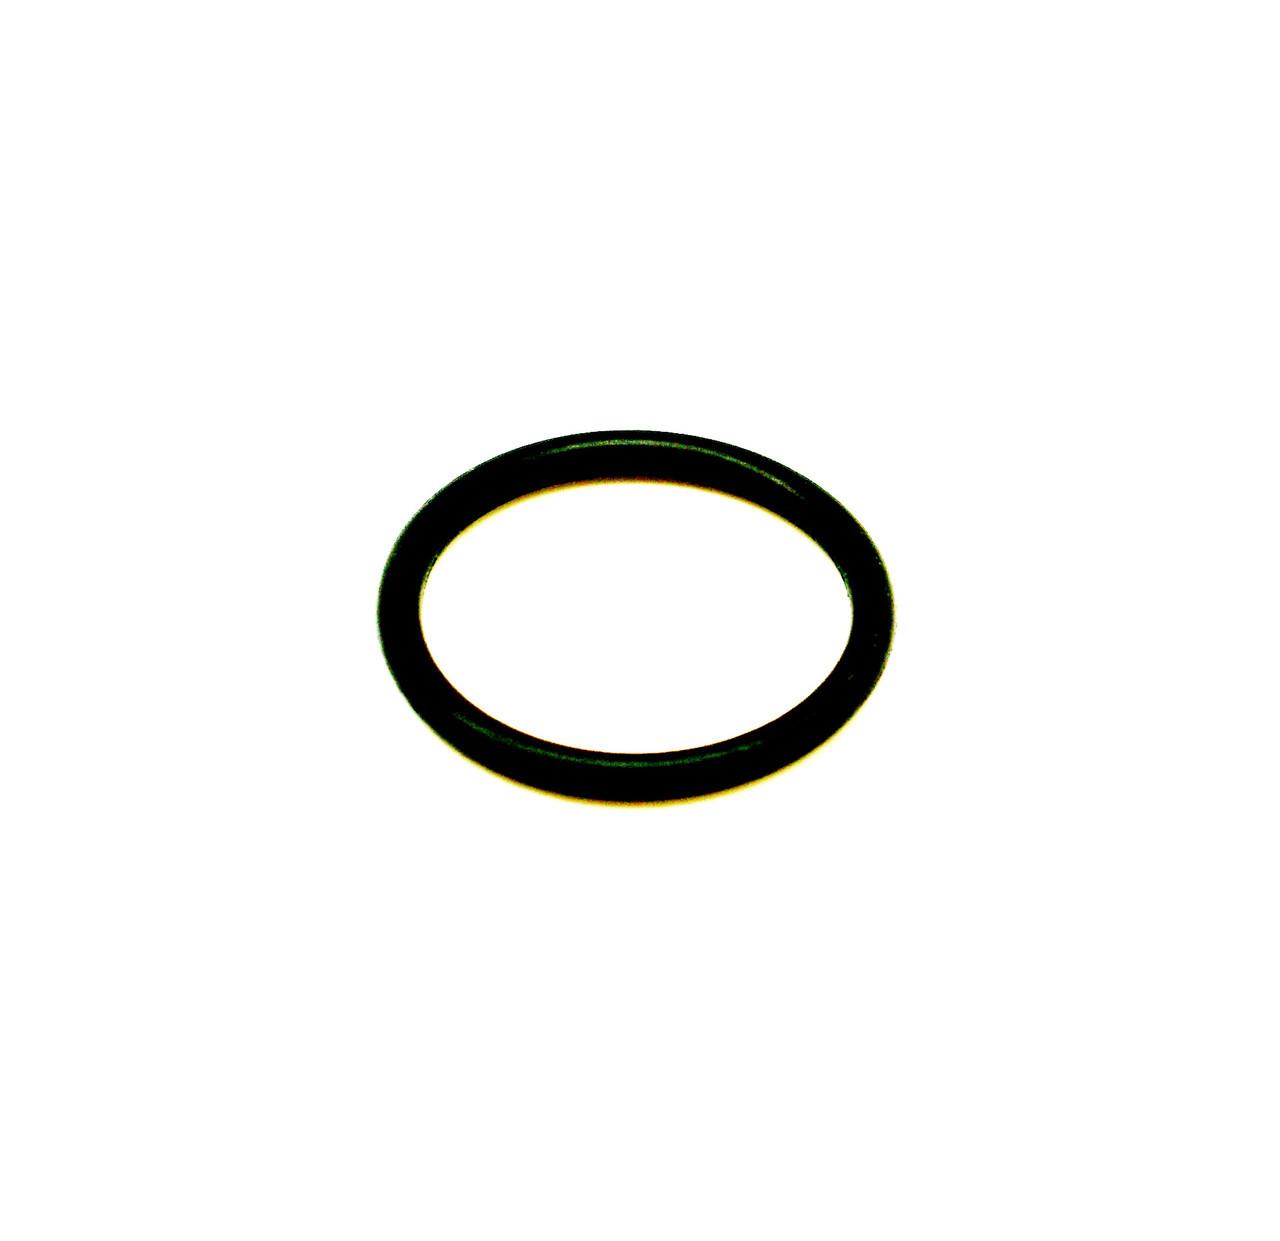 Кольцо уплотнительное Cummins 3035026